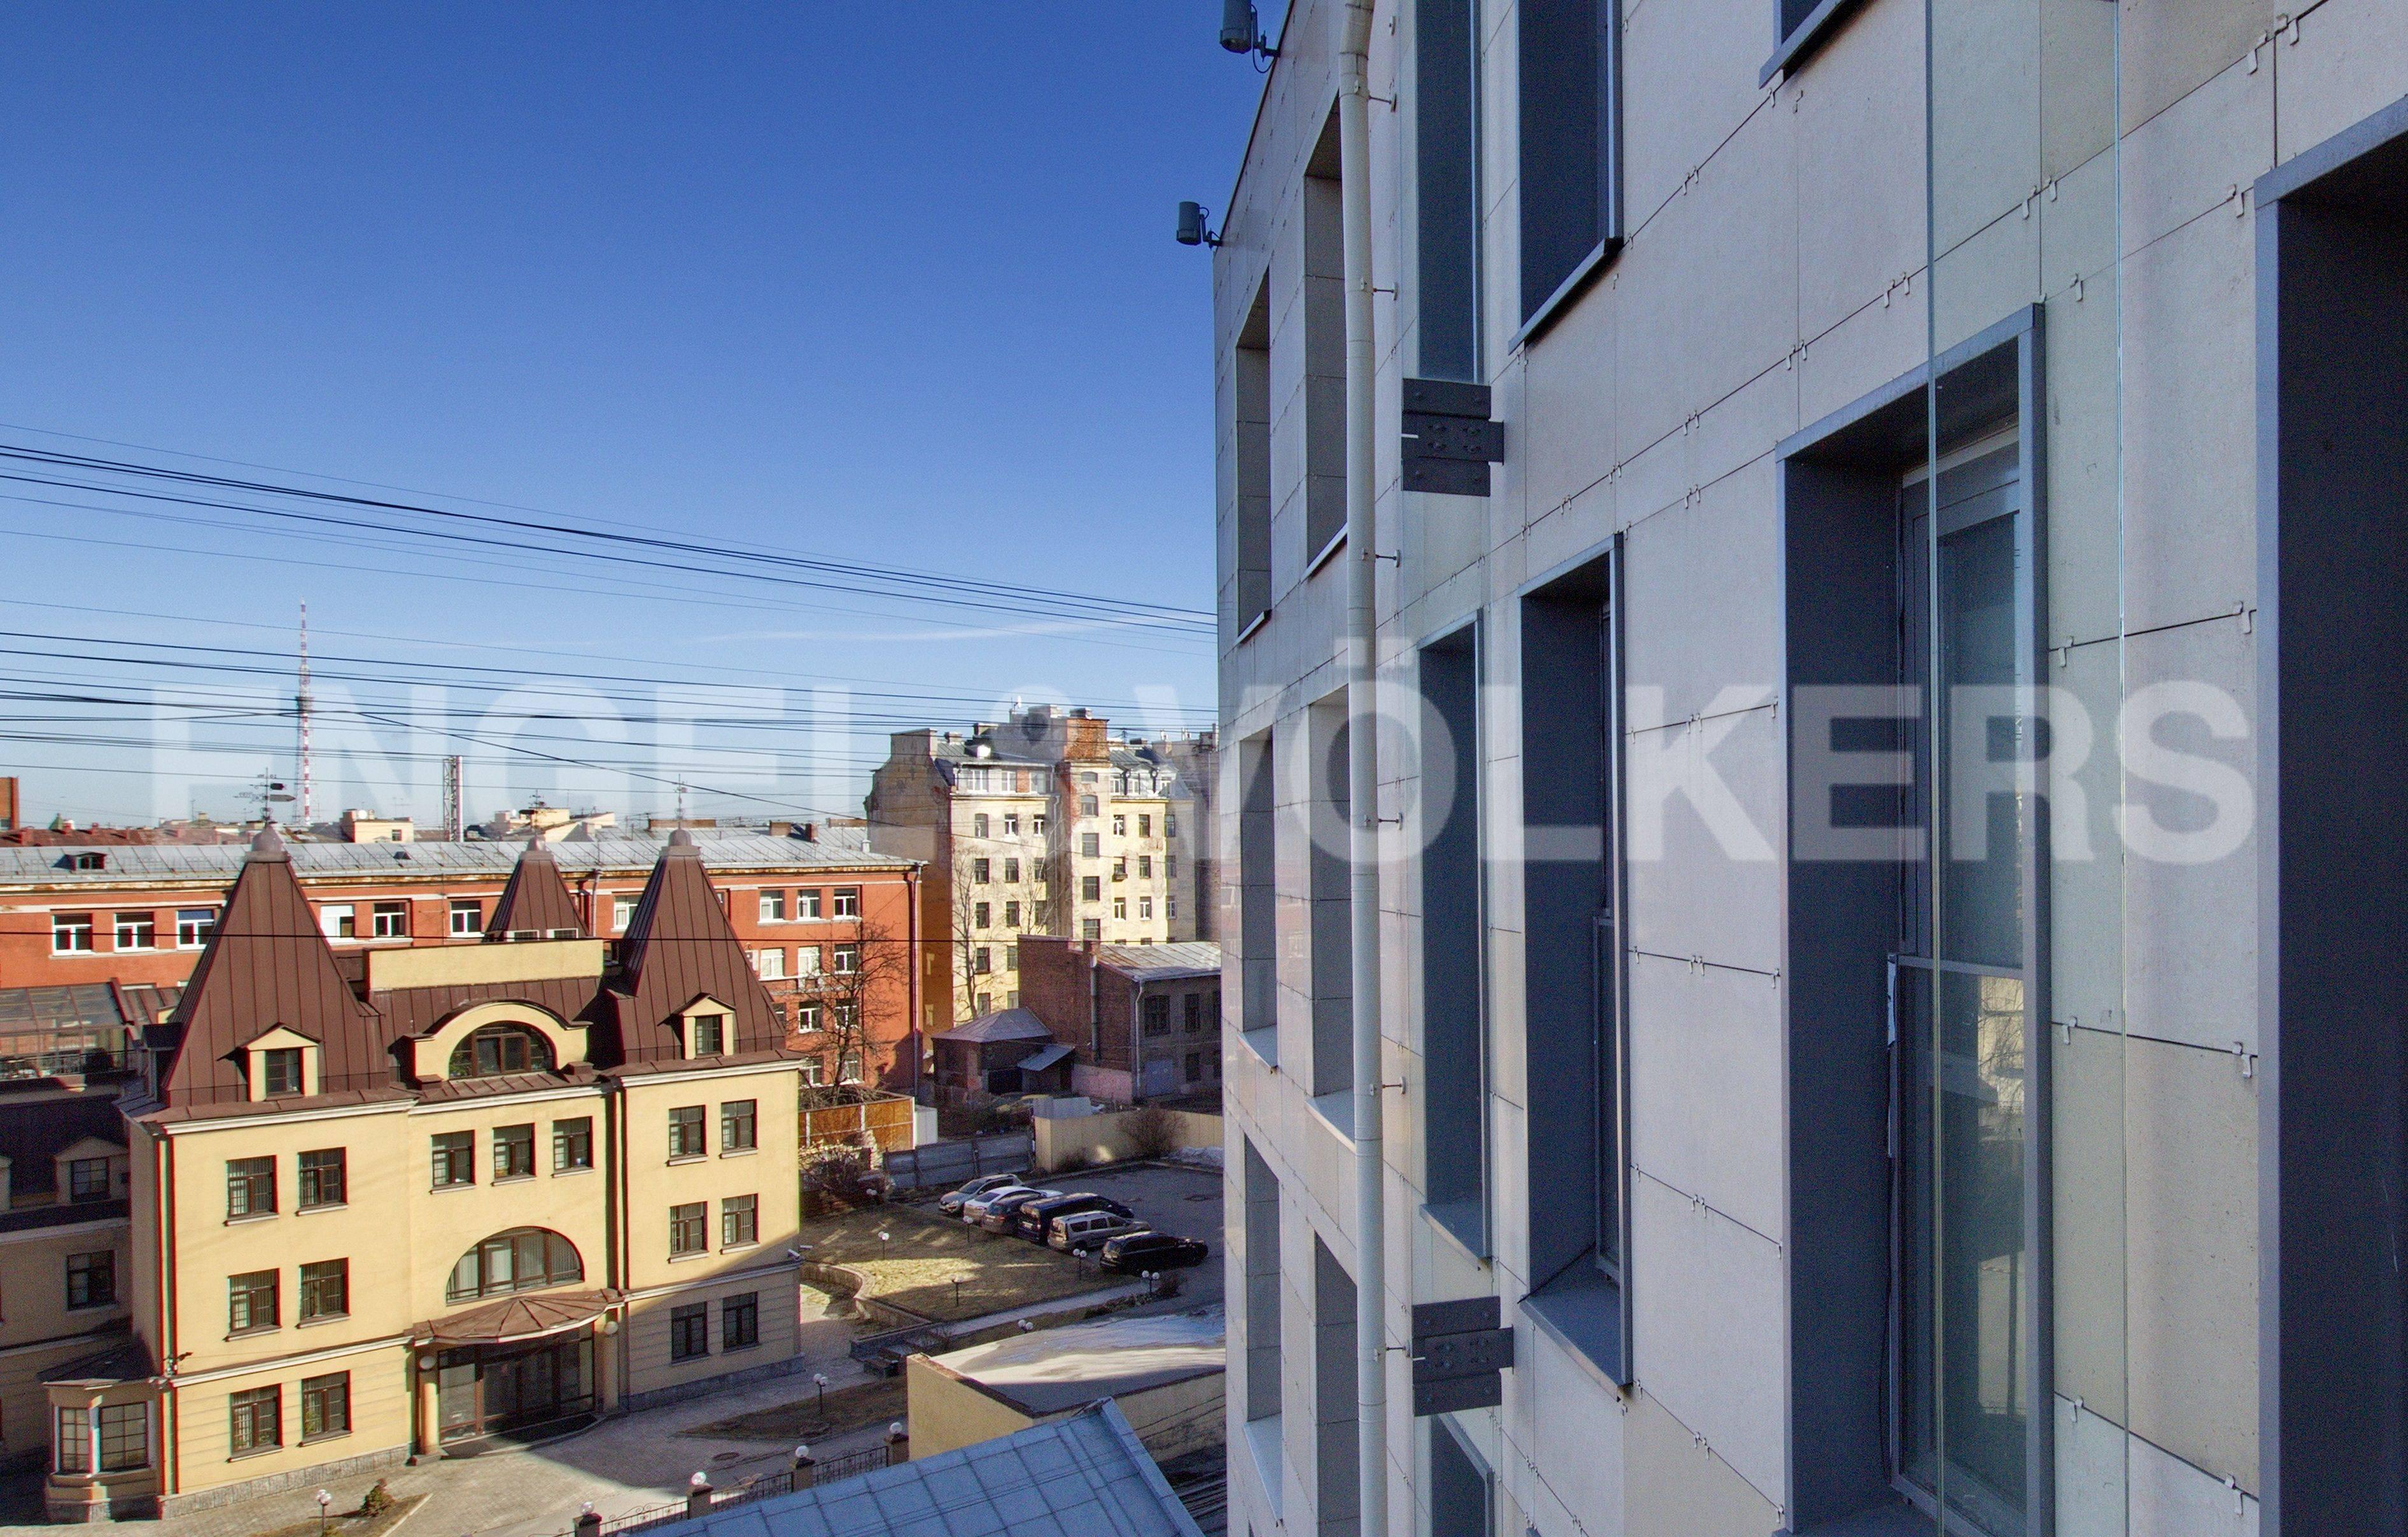 Элитные квартиры в Петроградском районе. Санкт-Петербург, Корпусная улица, 9. Окна на фасадную сторону комплекса